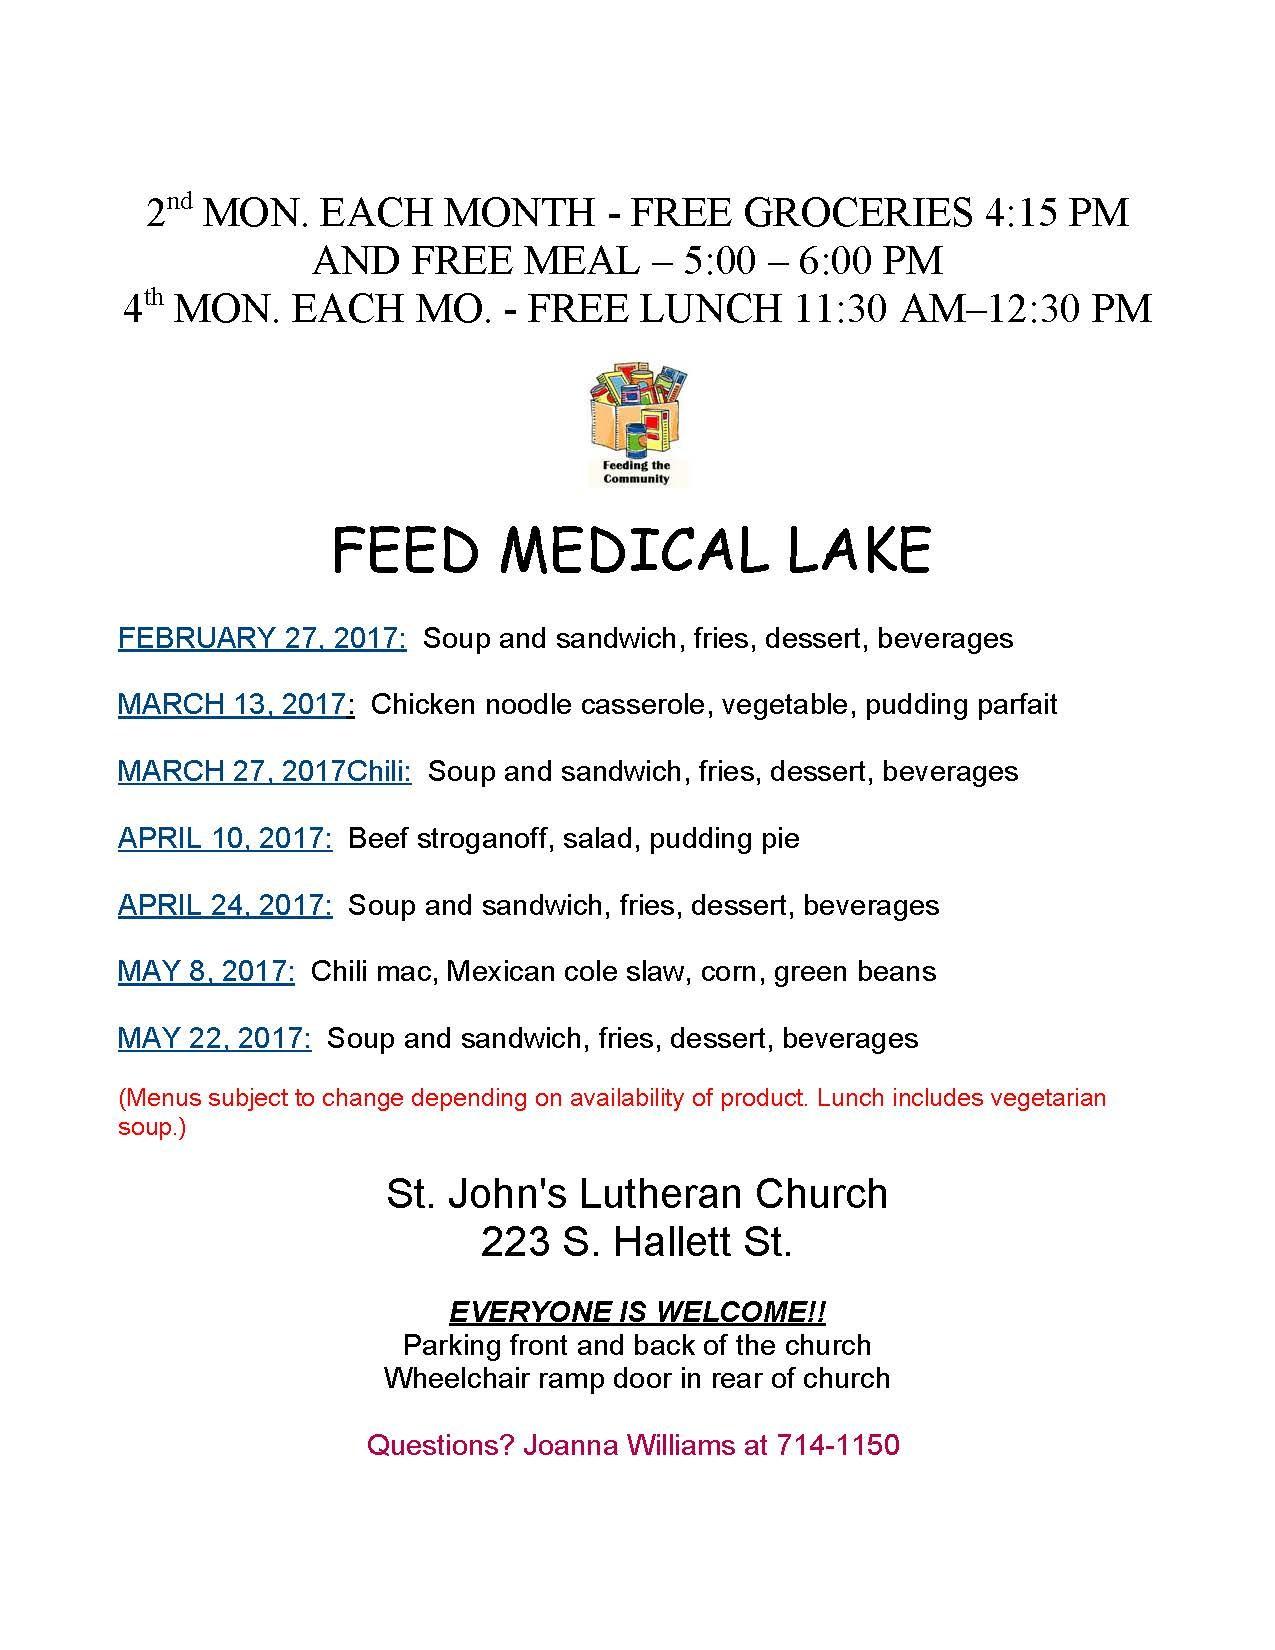 Feed Medical Lake Flyer Valid Through May 22